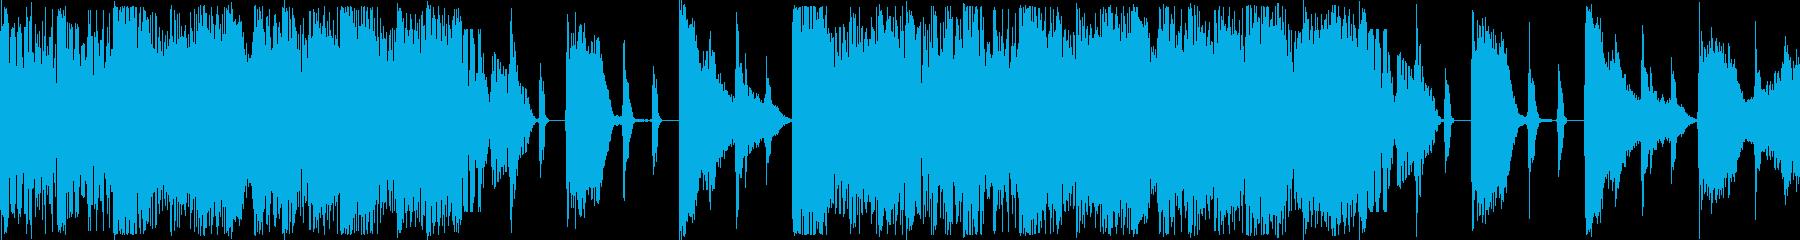 注目を集め緊張感のあるBGMの再生済みの波形